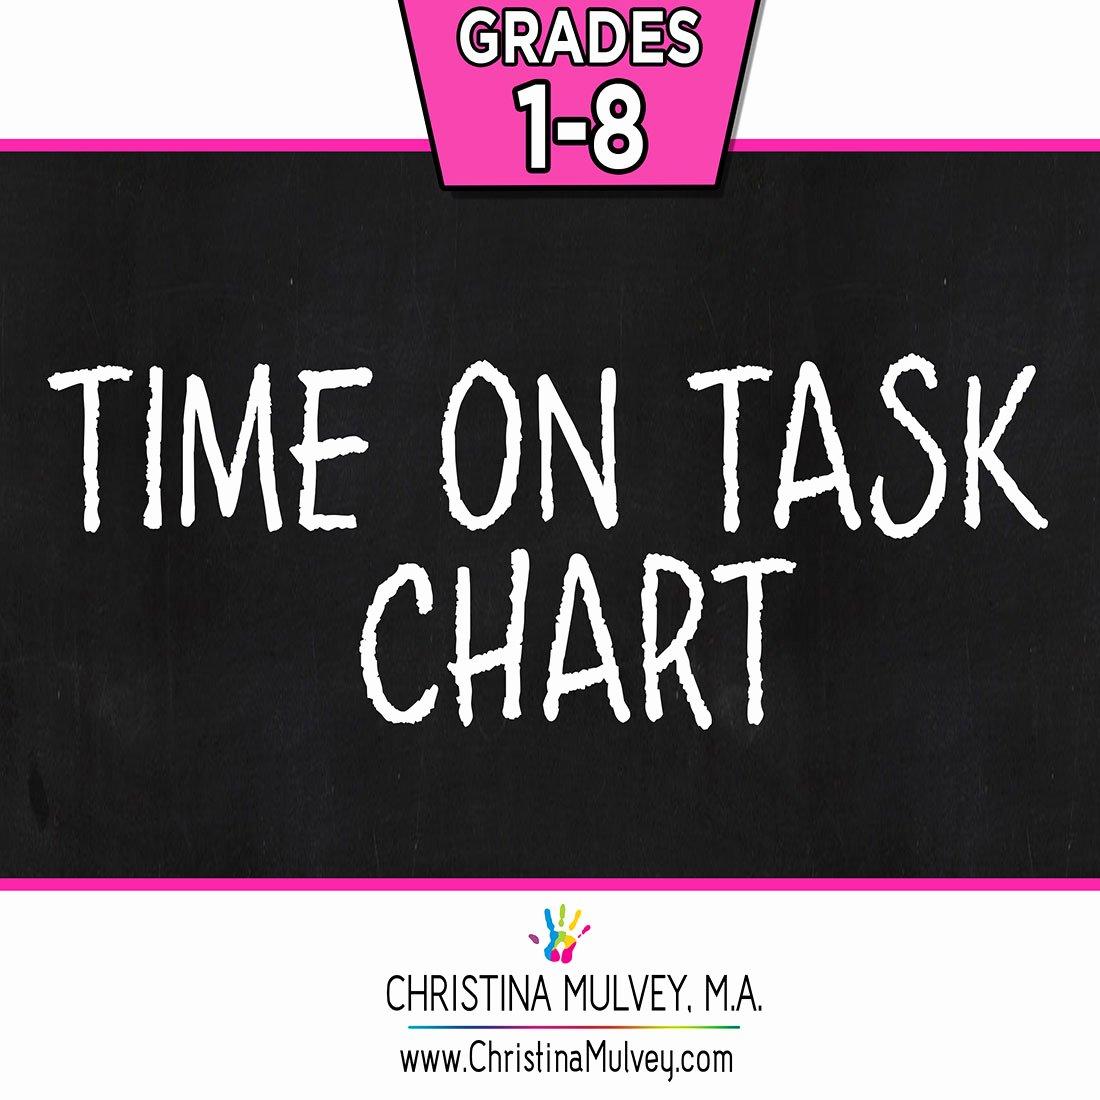 On Task Behavior Chart Lovely Time On Task Behavior Chart Christina Mulvey